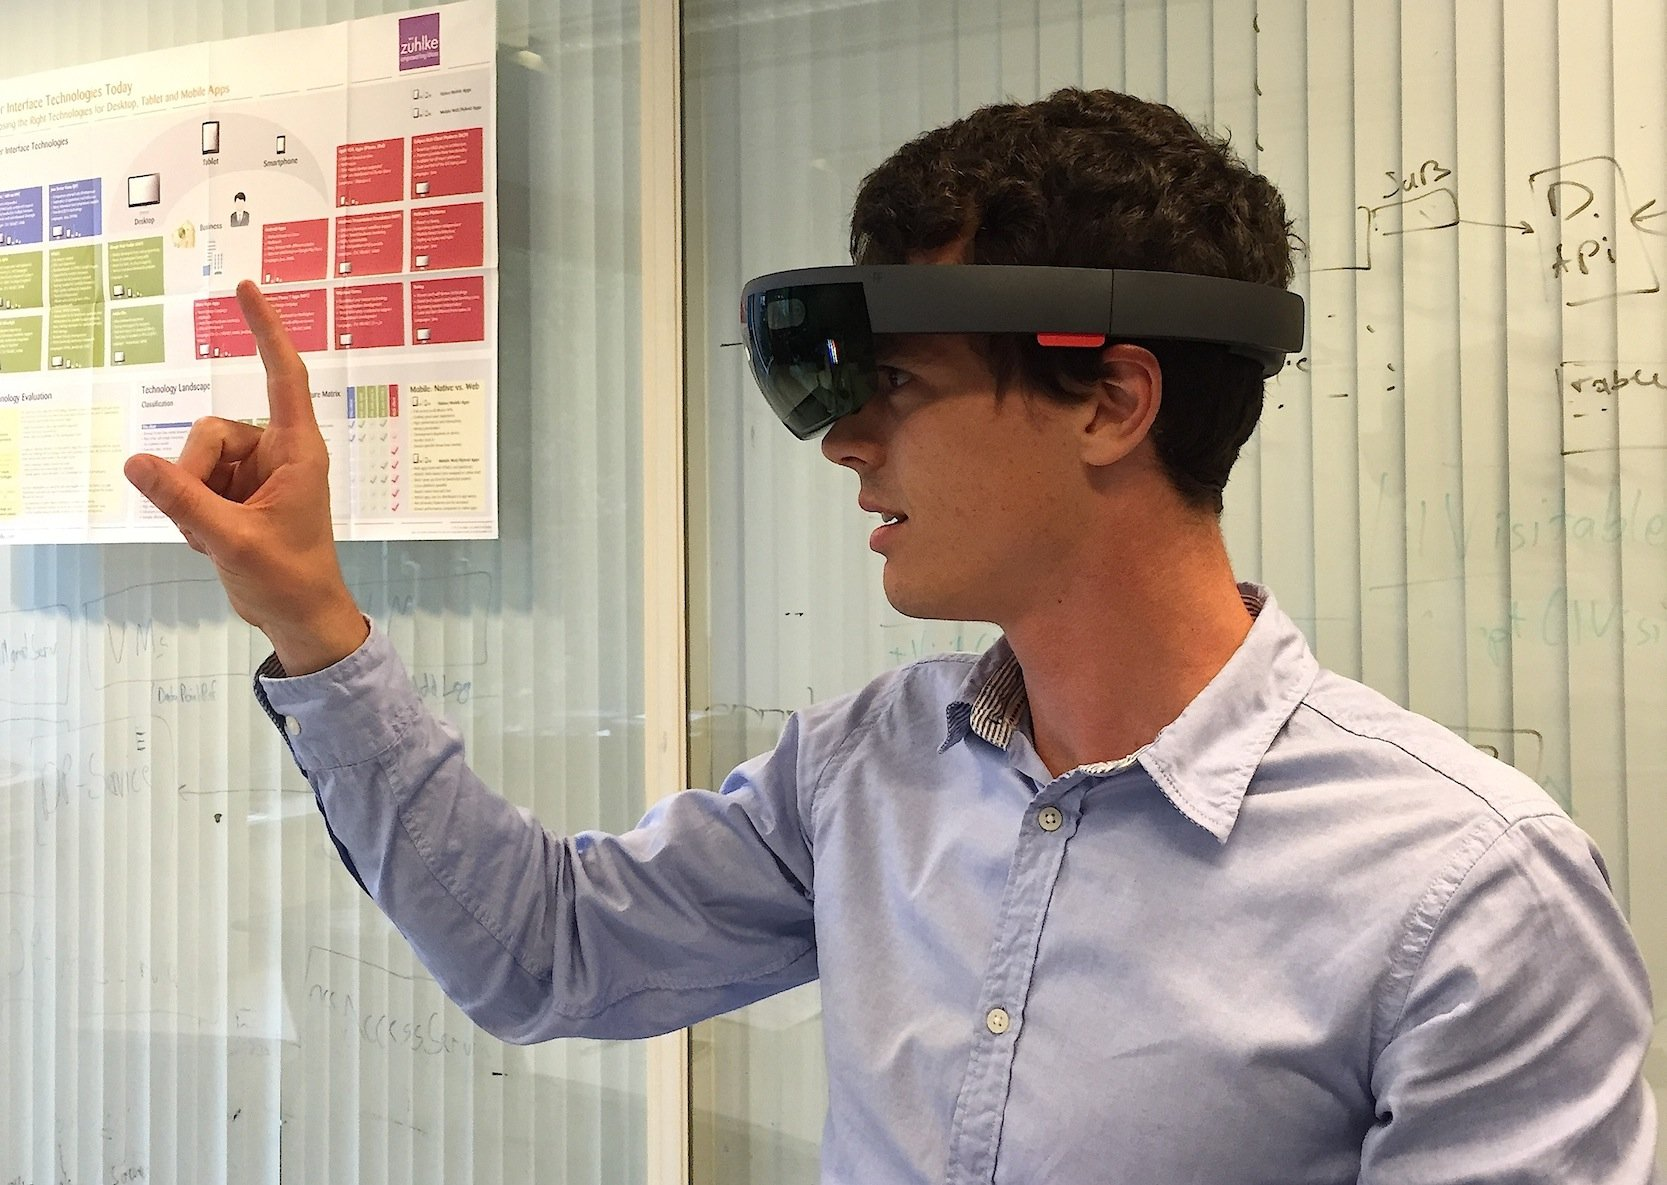 Industrie-4.0-Experte Moritz Gomm beim ersten Test mit der HoloLens von Microsoft.